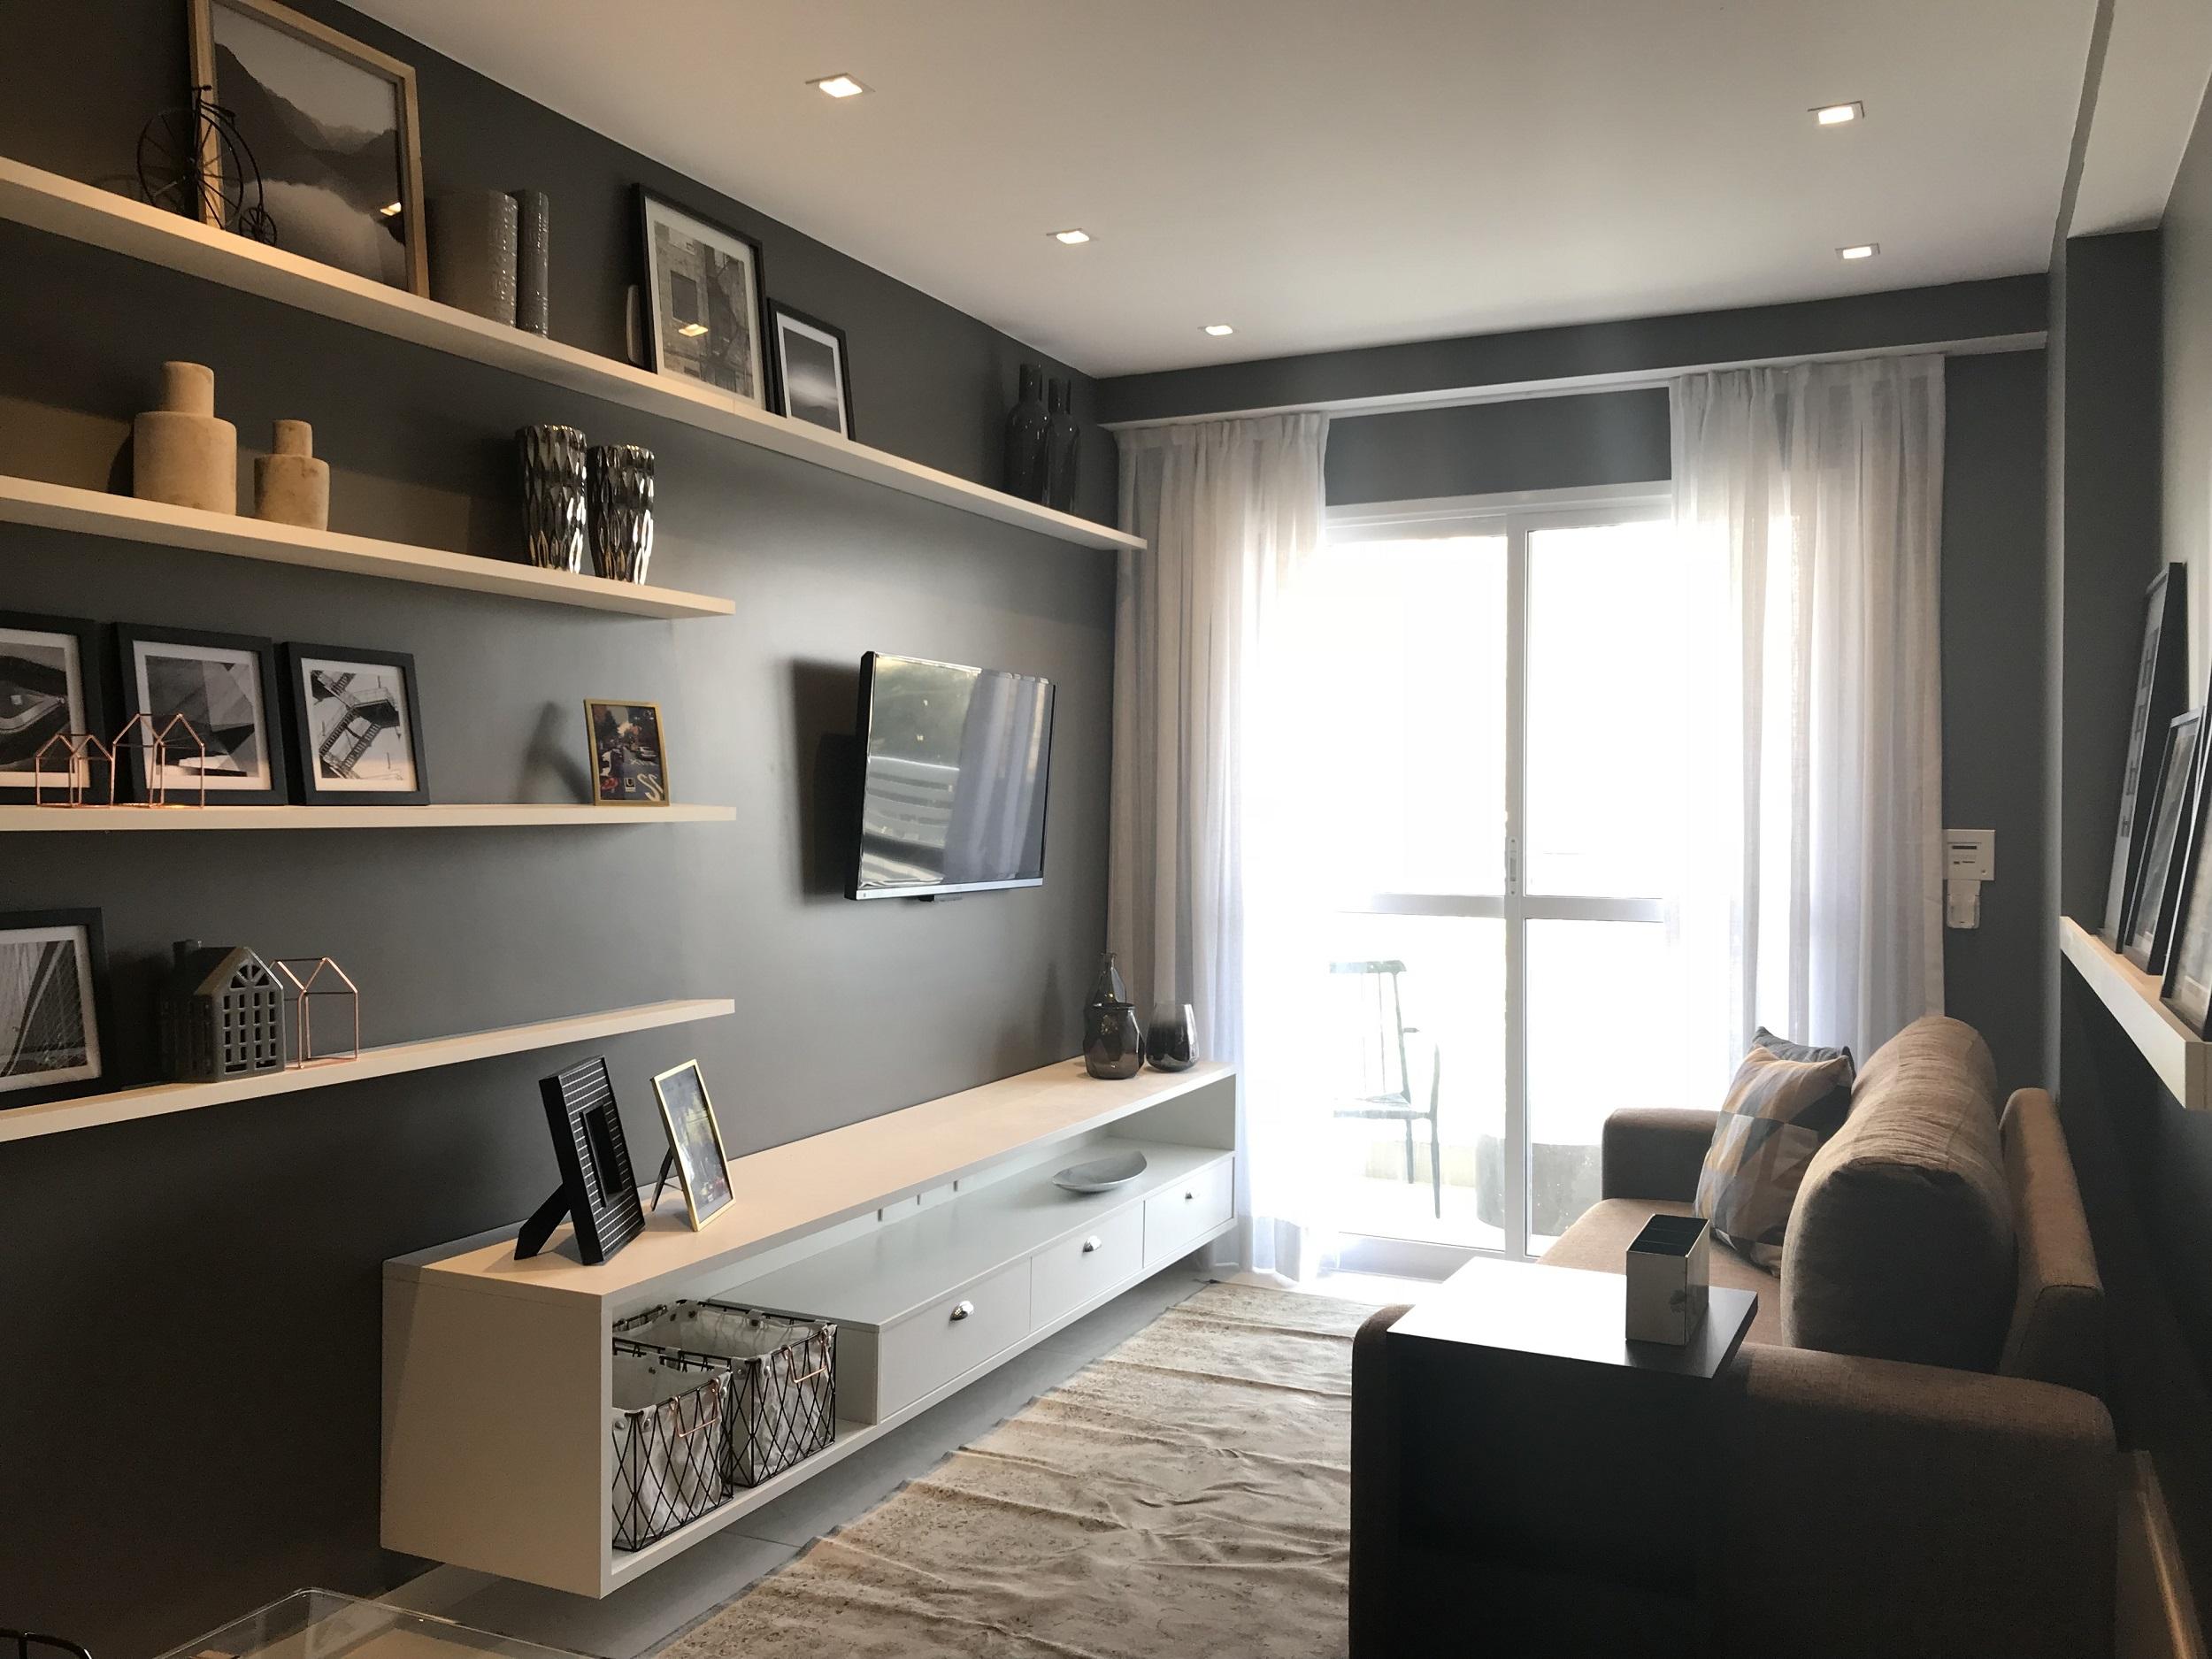 Decorados, armários e condomínio grátis para alavancar as vendas